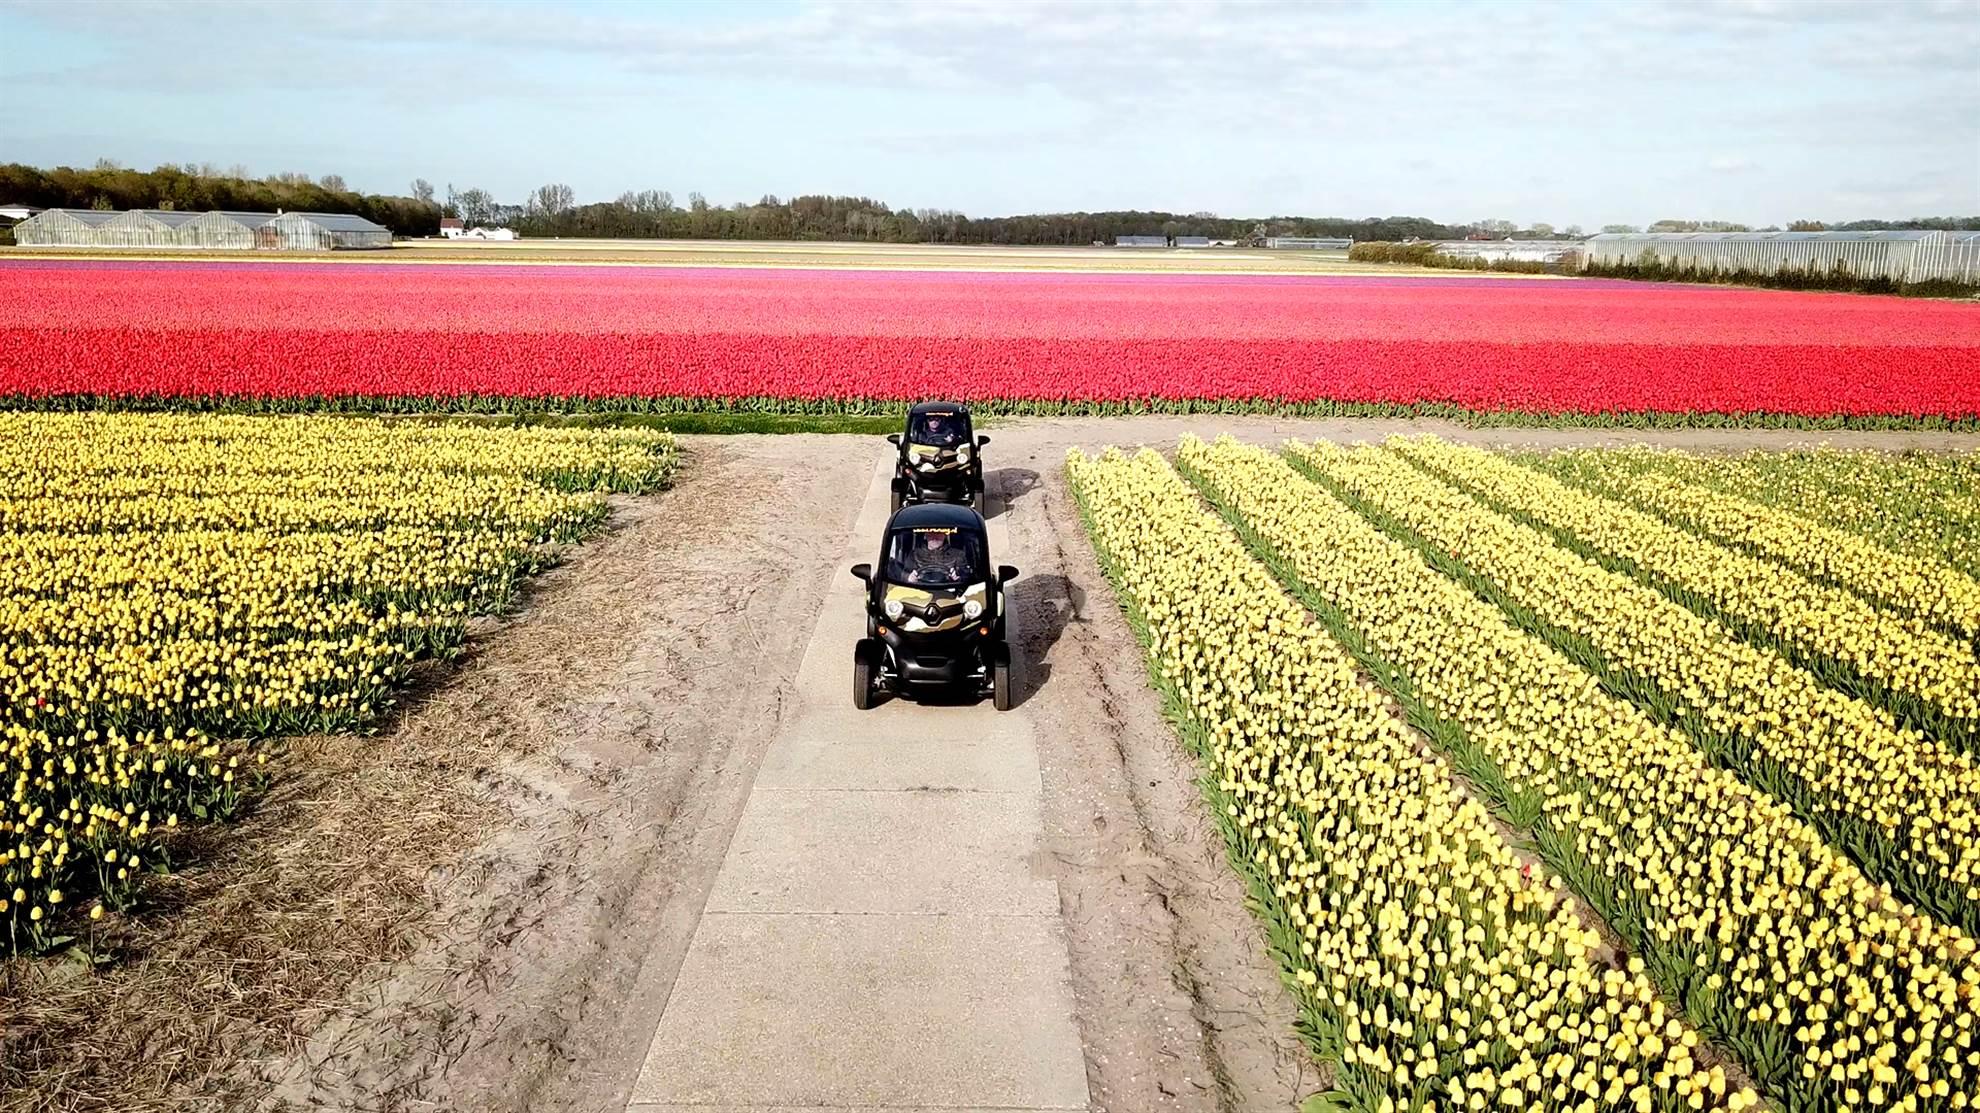 Experiencia en el campos de flores con vehículo eléctrico (Activo y disponible para reservar)